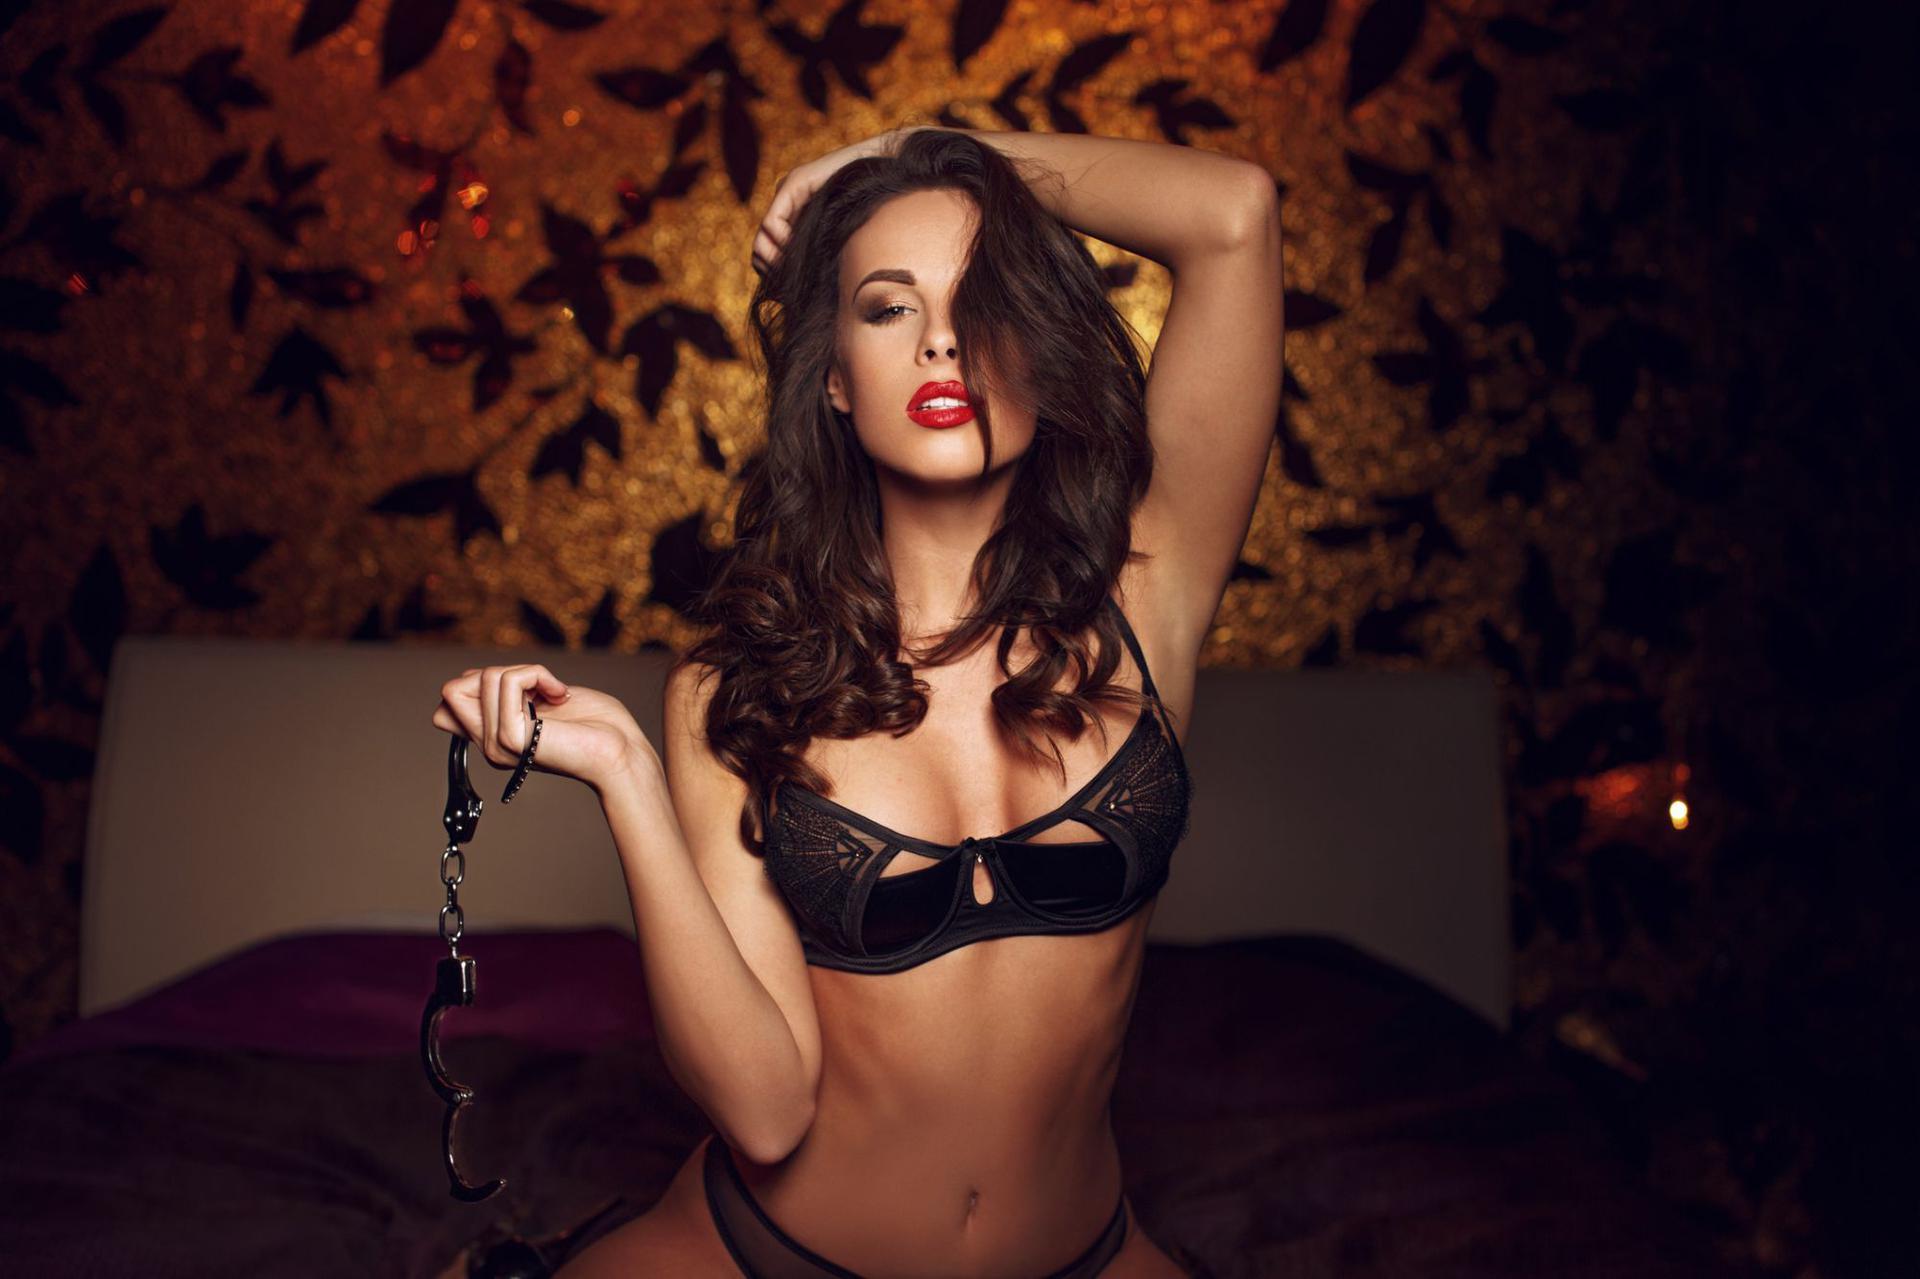 czarne fora seksu duże nastolatki cycki rury